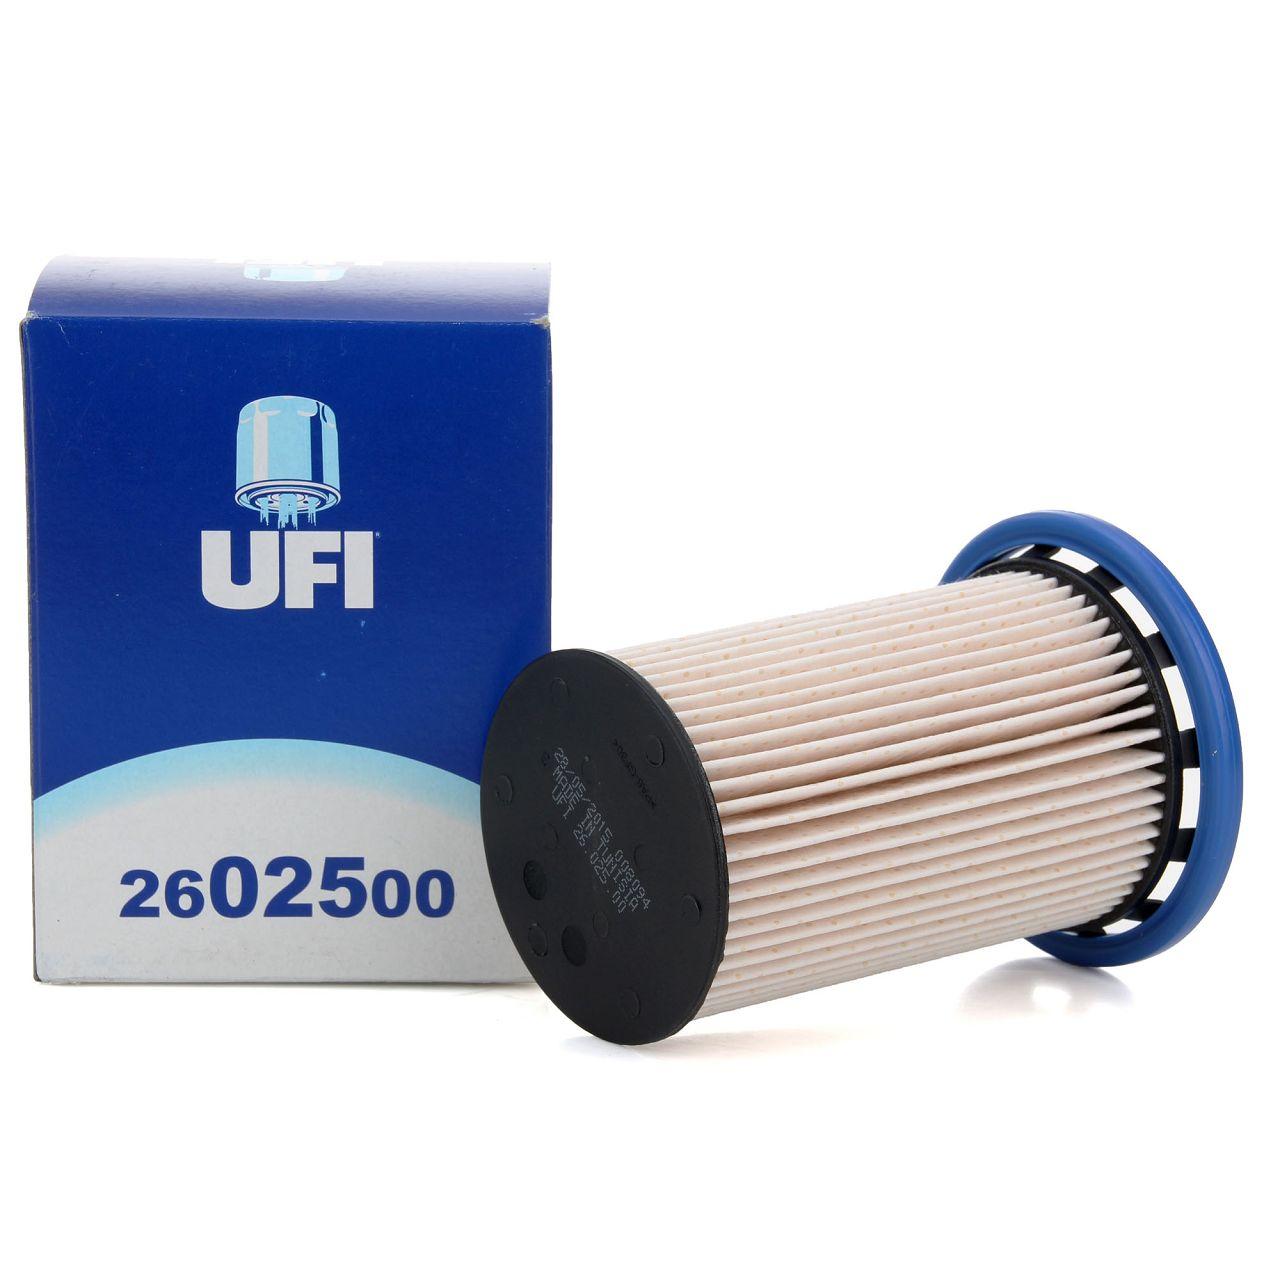 UFI Kraftstofffilter Dieselfilter 26.025.00 für Porsche Cayenne VW Touareg TDI